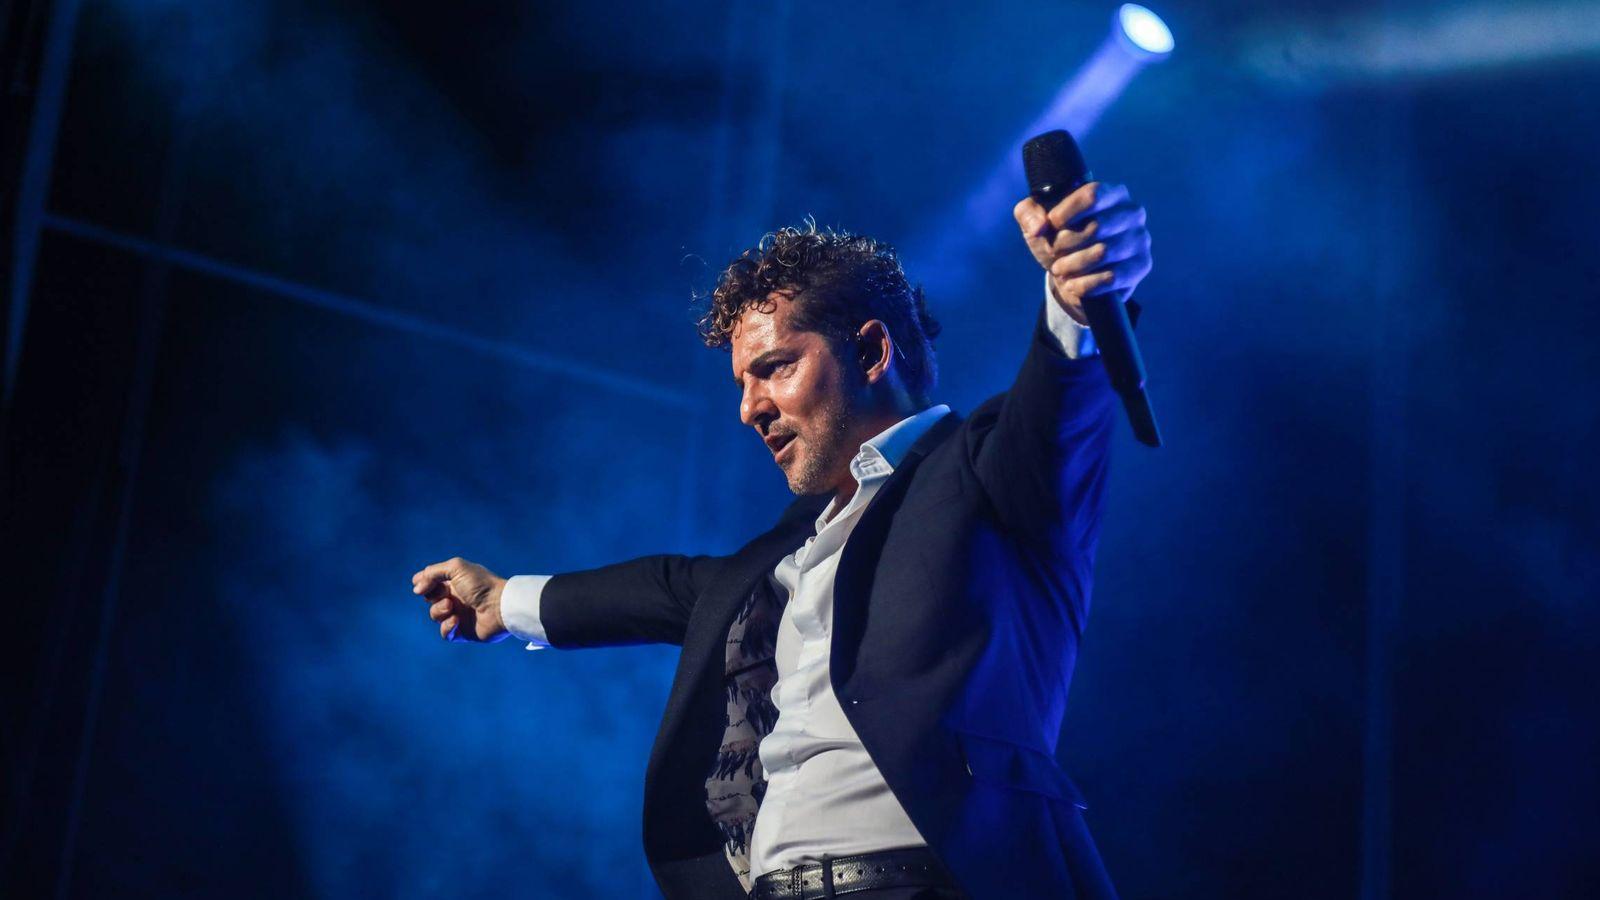 Foto: David Bisbal, durante el concierto. (Foto: Equipo Starlite)